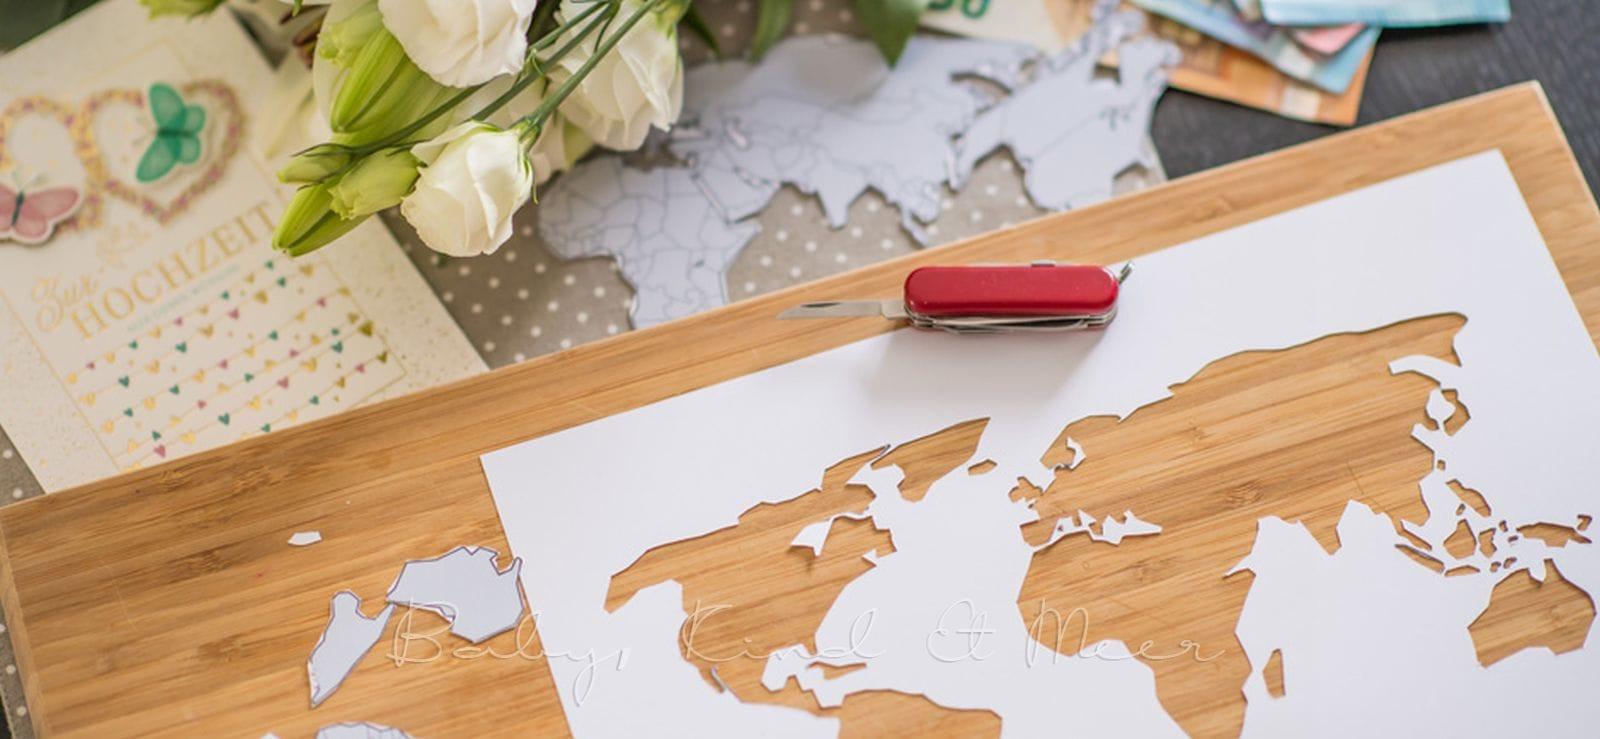 Geldgeschenk Hochzeit Diy  DIY GELDGESCHENK ZUR HOCHZEIT DIY Inspirationen Baby